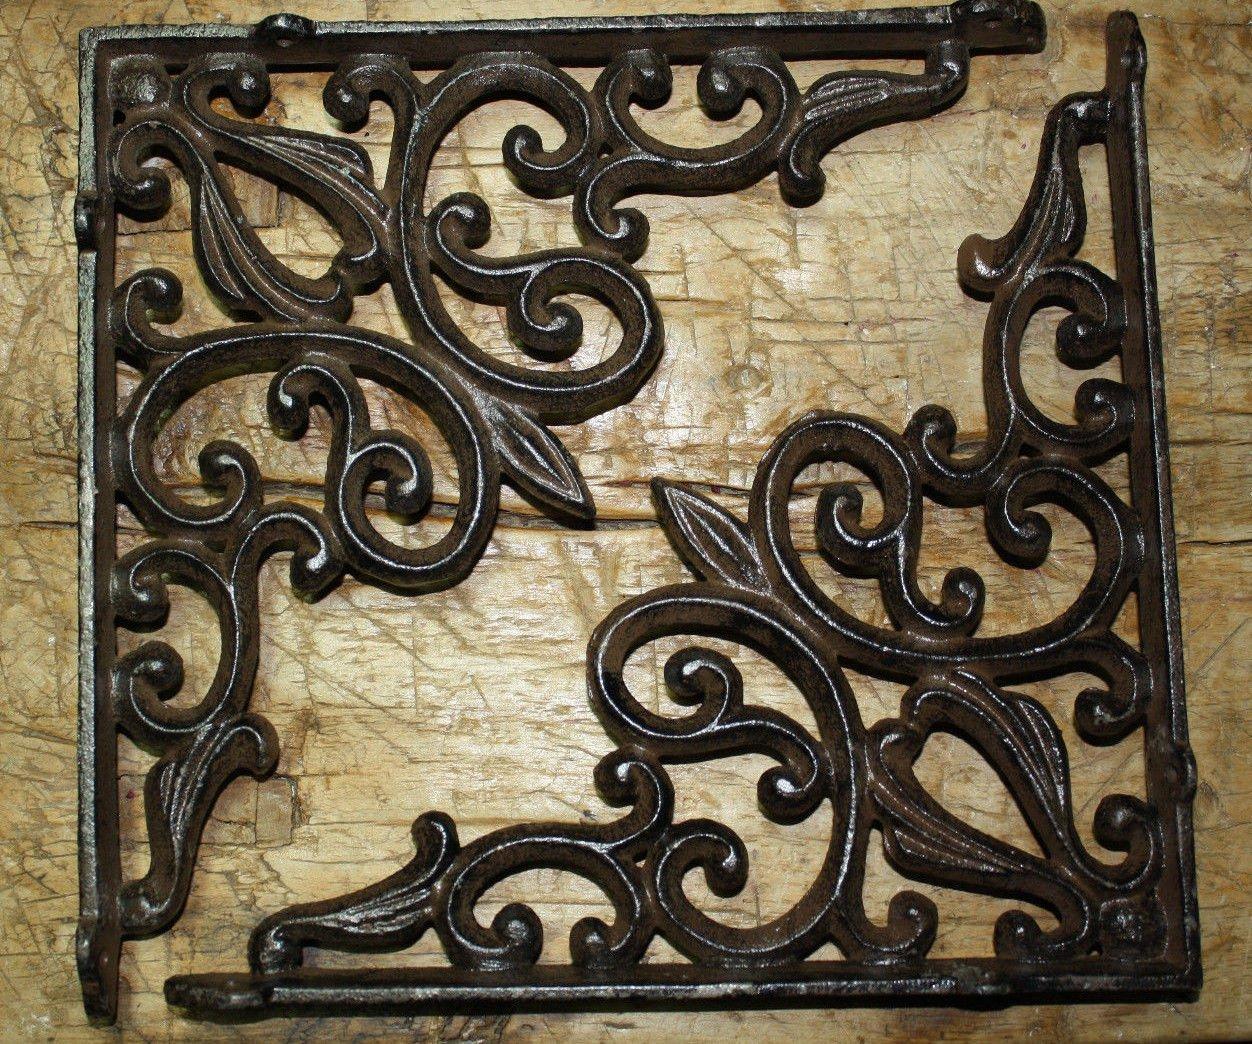 4 Cast Iron Antique Style HEART Brackets Garden Braces RUSTIC Shelf Bracket , Garden Braces Shelf Bracket , Garden Braces Shelf Bracket RUSTIC , Wall Brackets Shelf Support for Storage